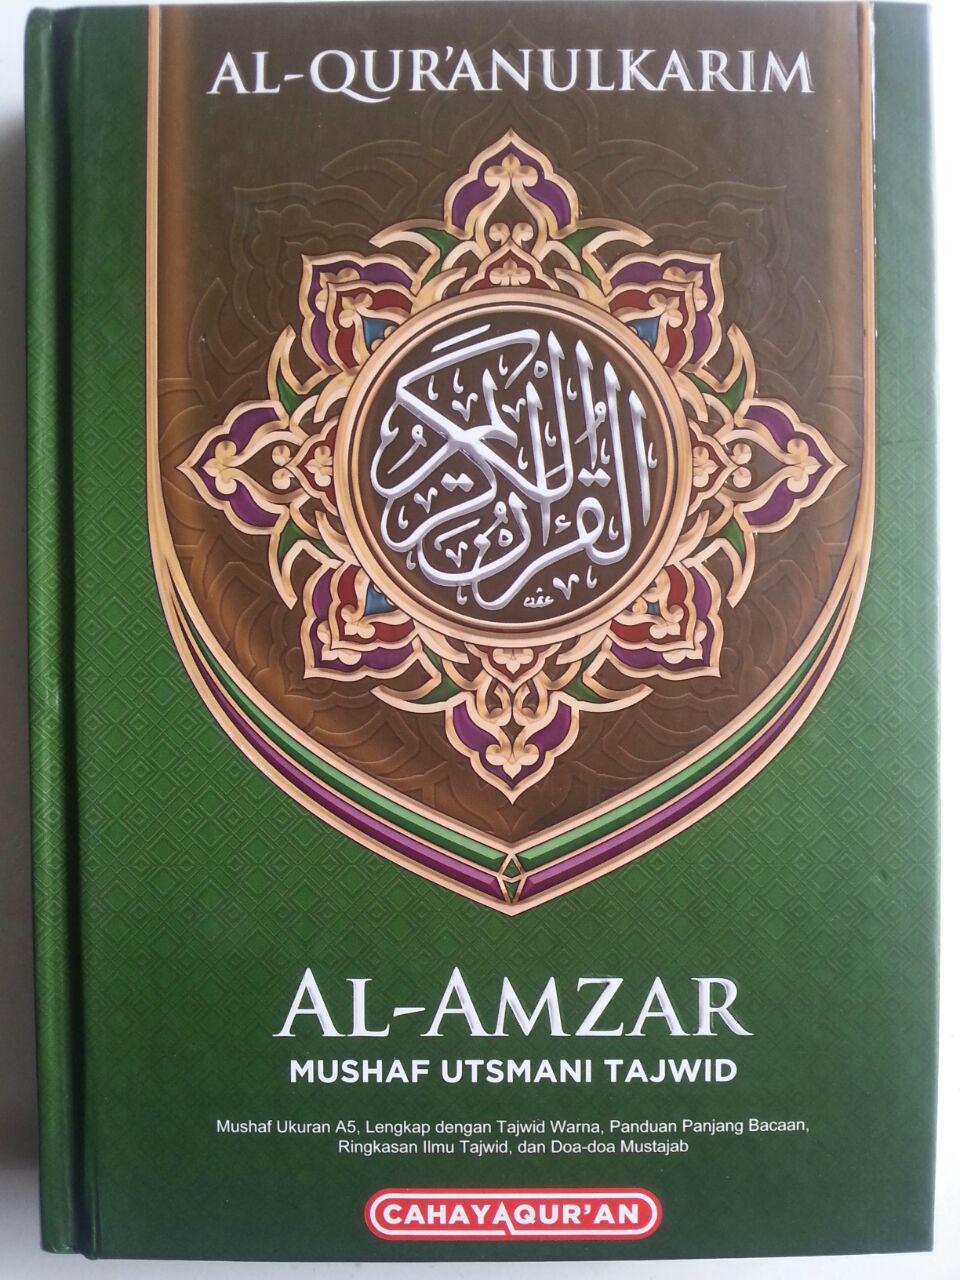 Al-Qur'an Mushaf Utsmani Tajwid Al-Amzar Ukuran A5 cover